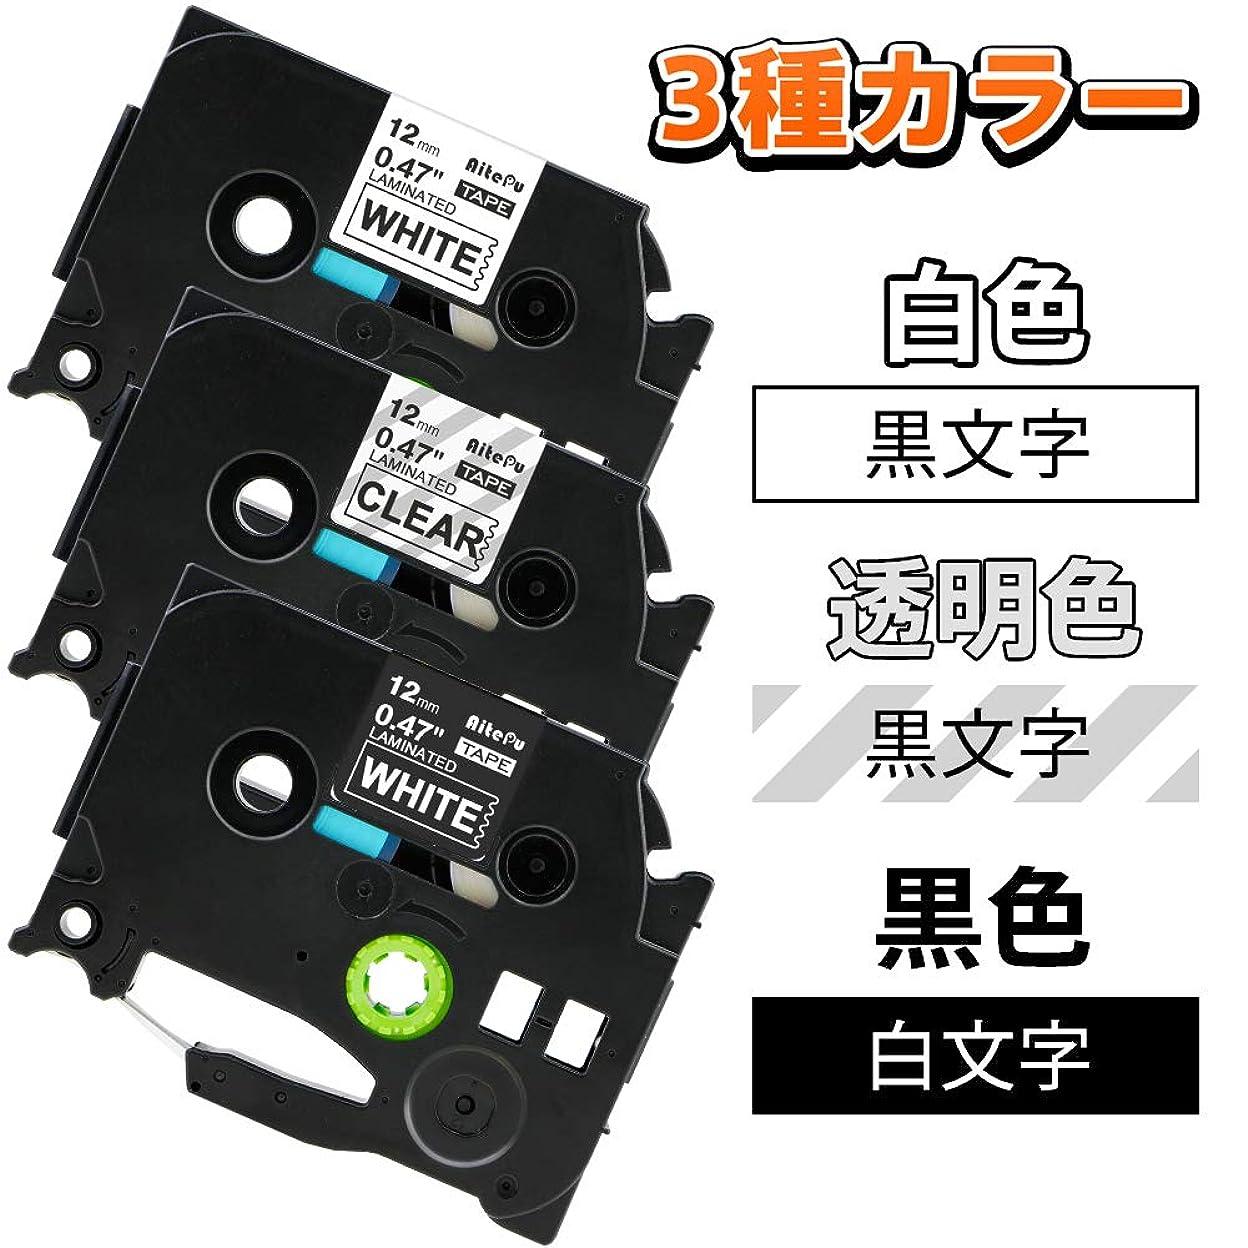 招待勧めるハイランド互換 透明 白 黒 12mm ピータッチ ブラザー工業 tzeテープ tze-131 tze-231 tze-335 Pタッチ P-touch Brother ラベルライター PT-P300BT PT-J100 PT-P710BT 3色セット